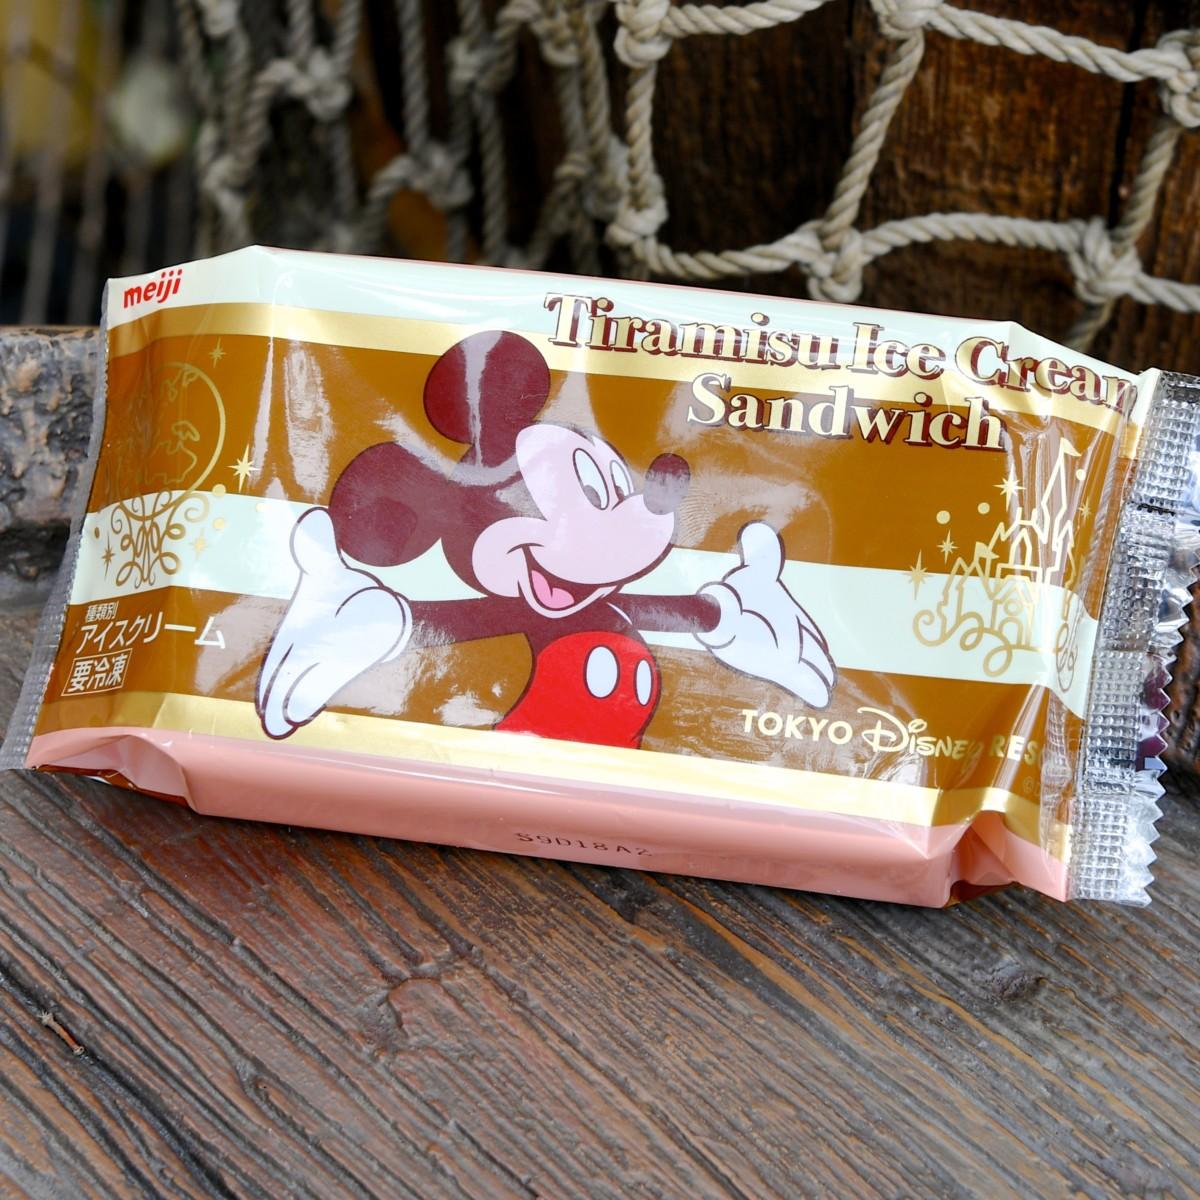 ティラミスアイスクリームサンドウィッチ